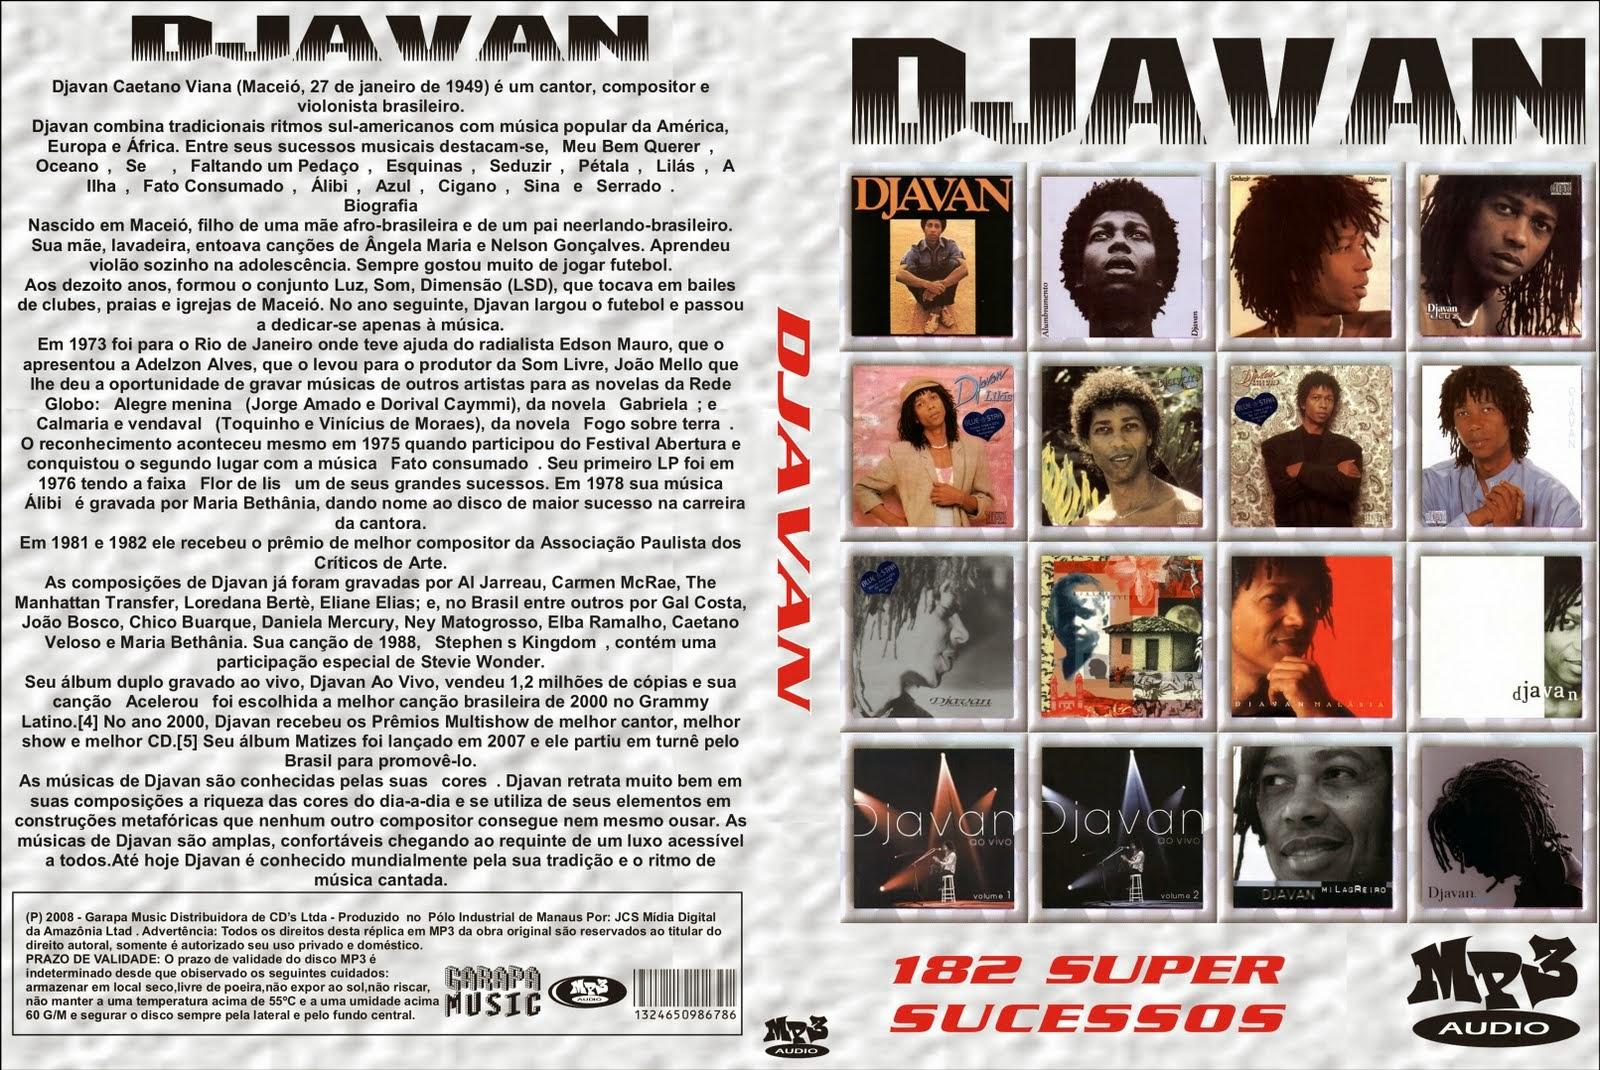 Djavan ao vivo volumes 1 e 2 (cd, album) | discogs.